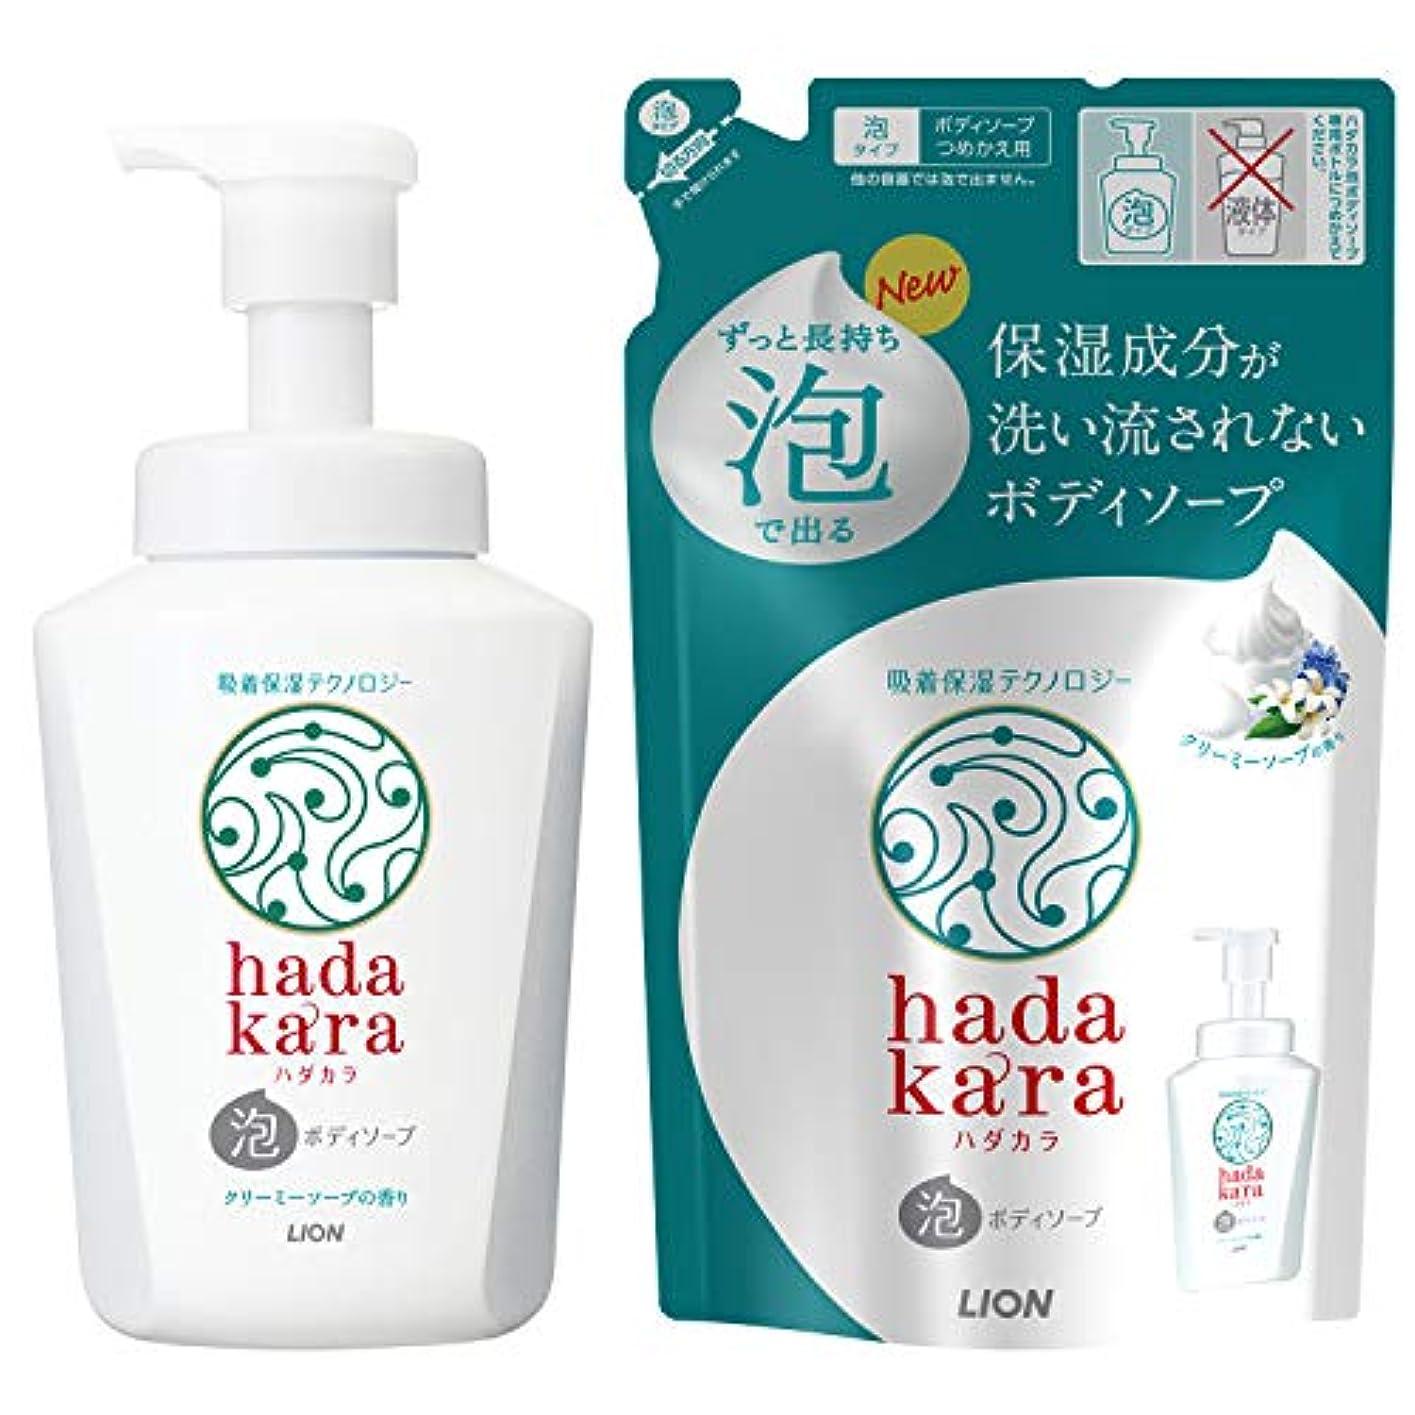 見えない動慣れているhadakara(ハダカラ) ボディソープ 泡タイプ クリーミーソープの香り 本体550ml+詰替440ml 1